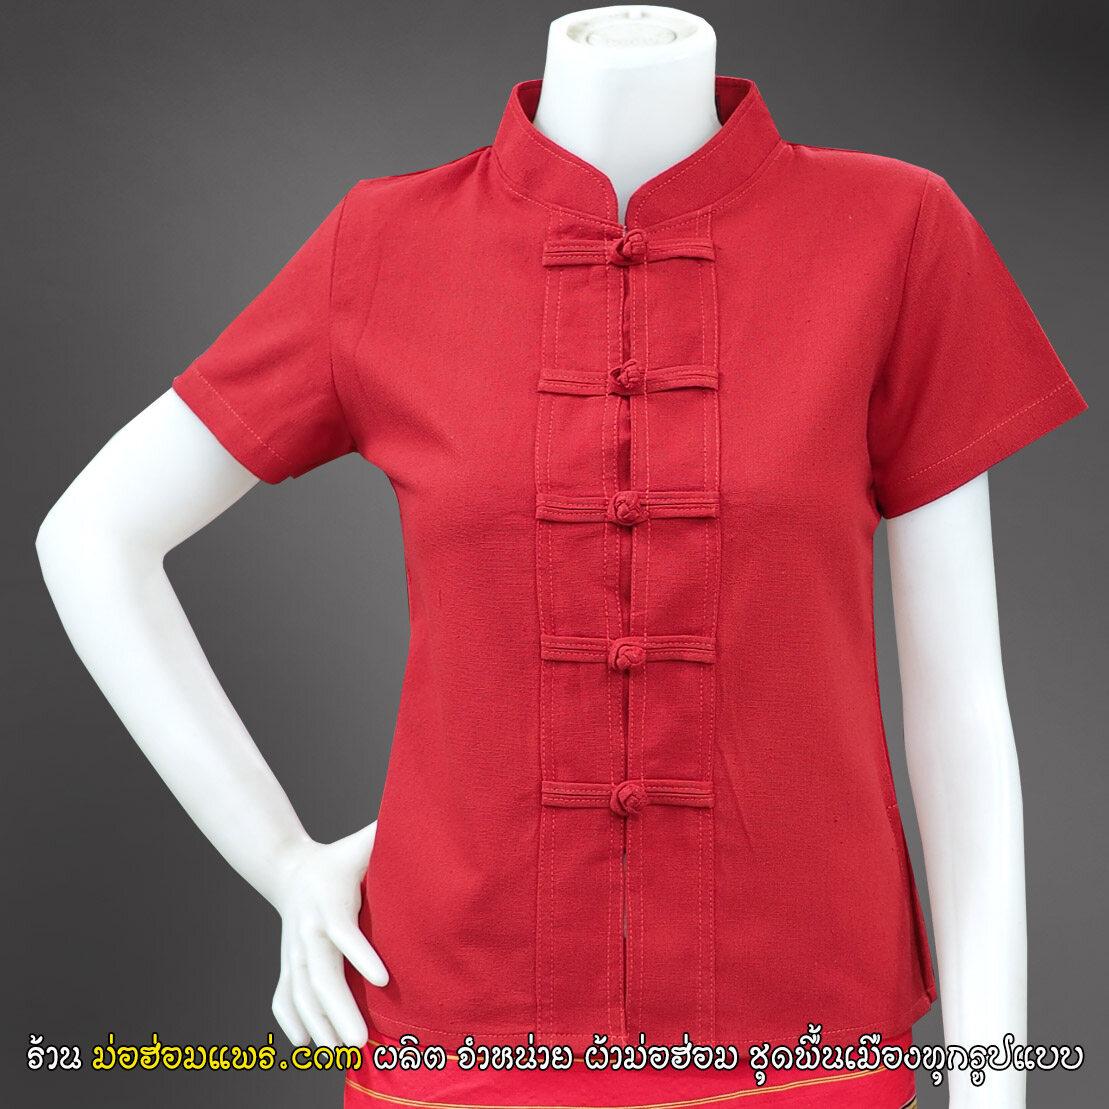 เสื้อสีแดง คอจีนกระดุมจีน หญิง เข้ารูป สวมใส่สบาย (ผ้าฝ้าย100%) ตรุษจีน.